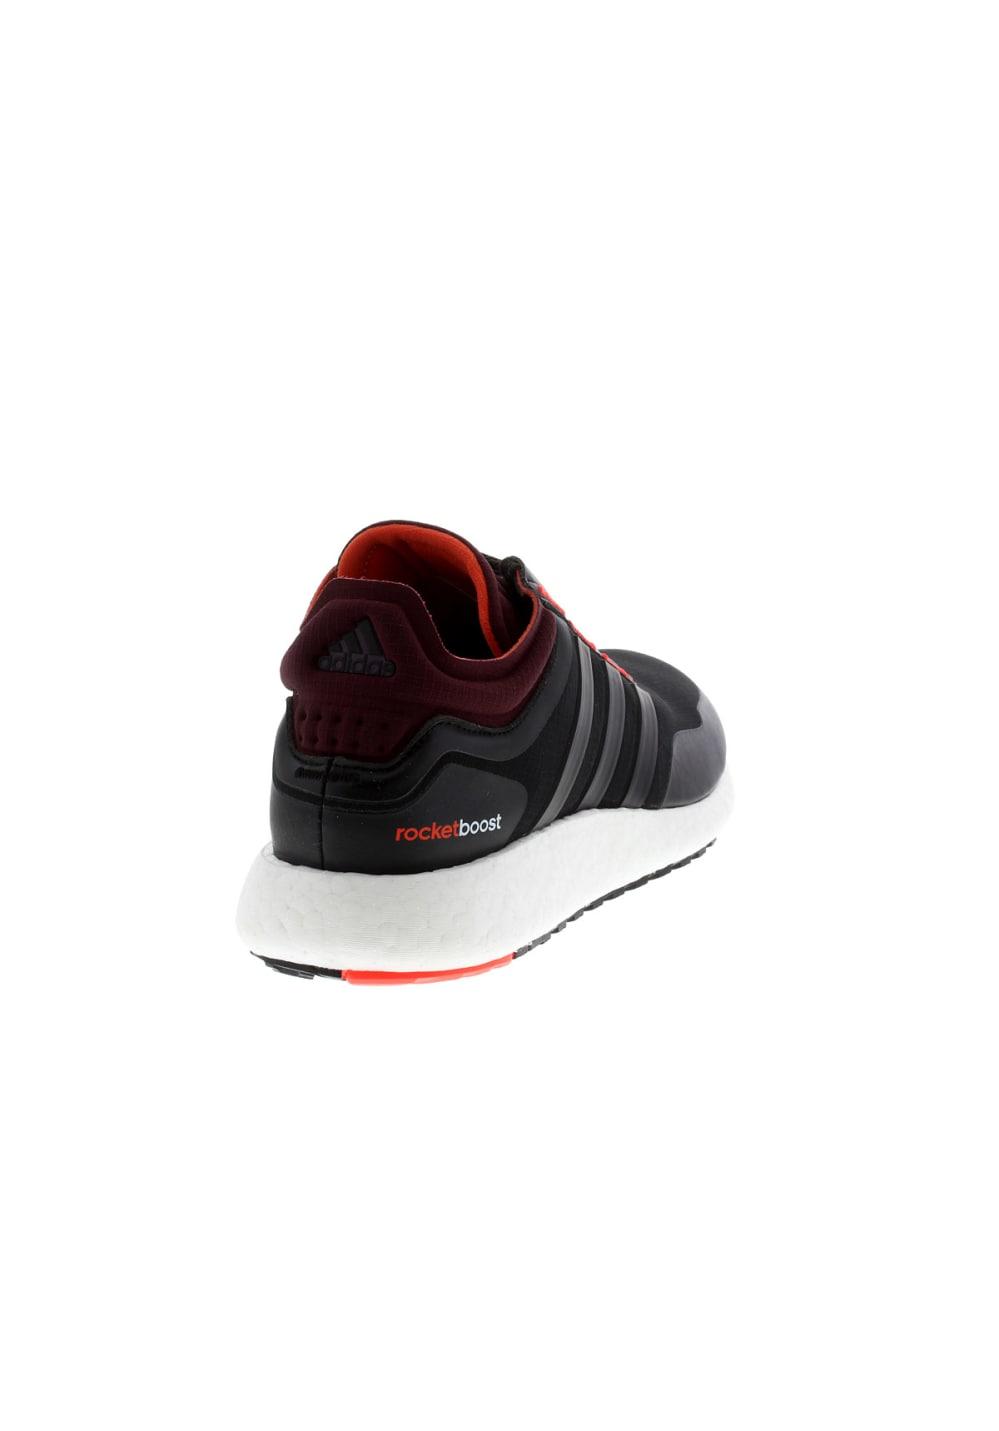 adidas Chaussures Running CLIMAHEAT ROCKET BOOST Femme noir